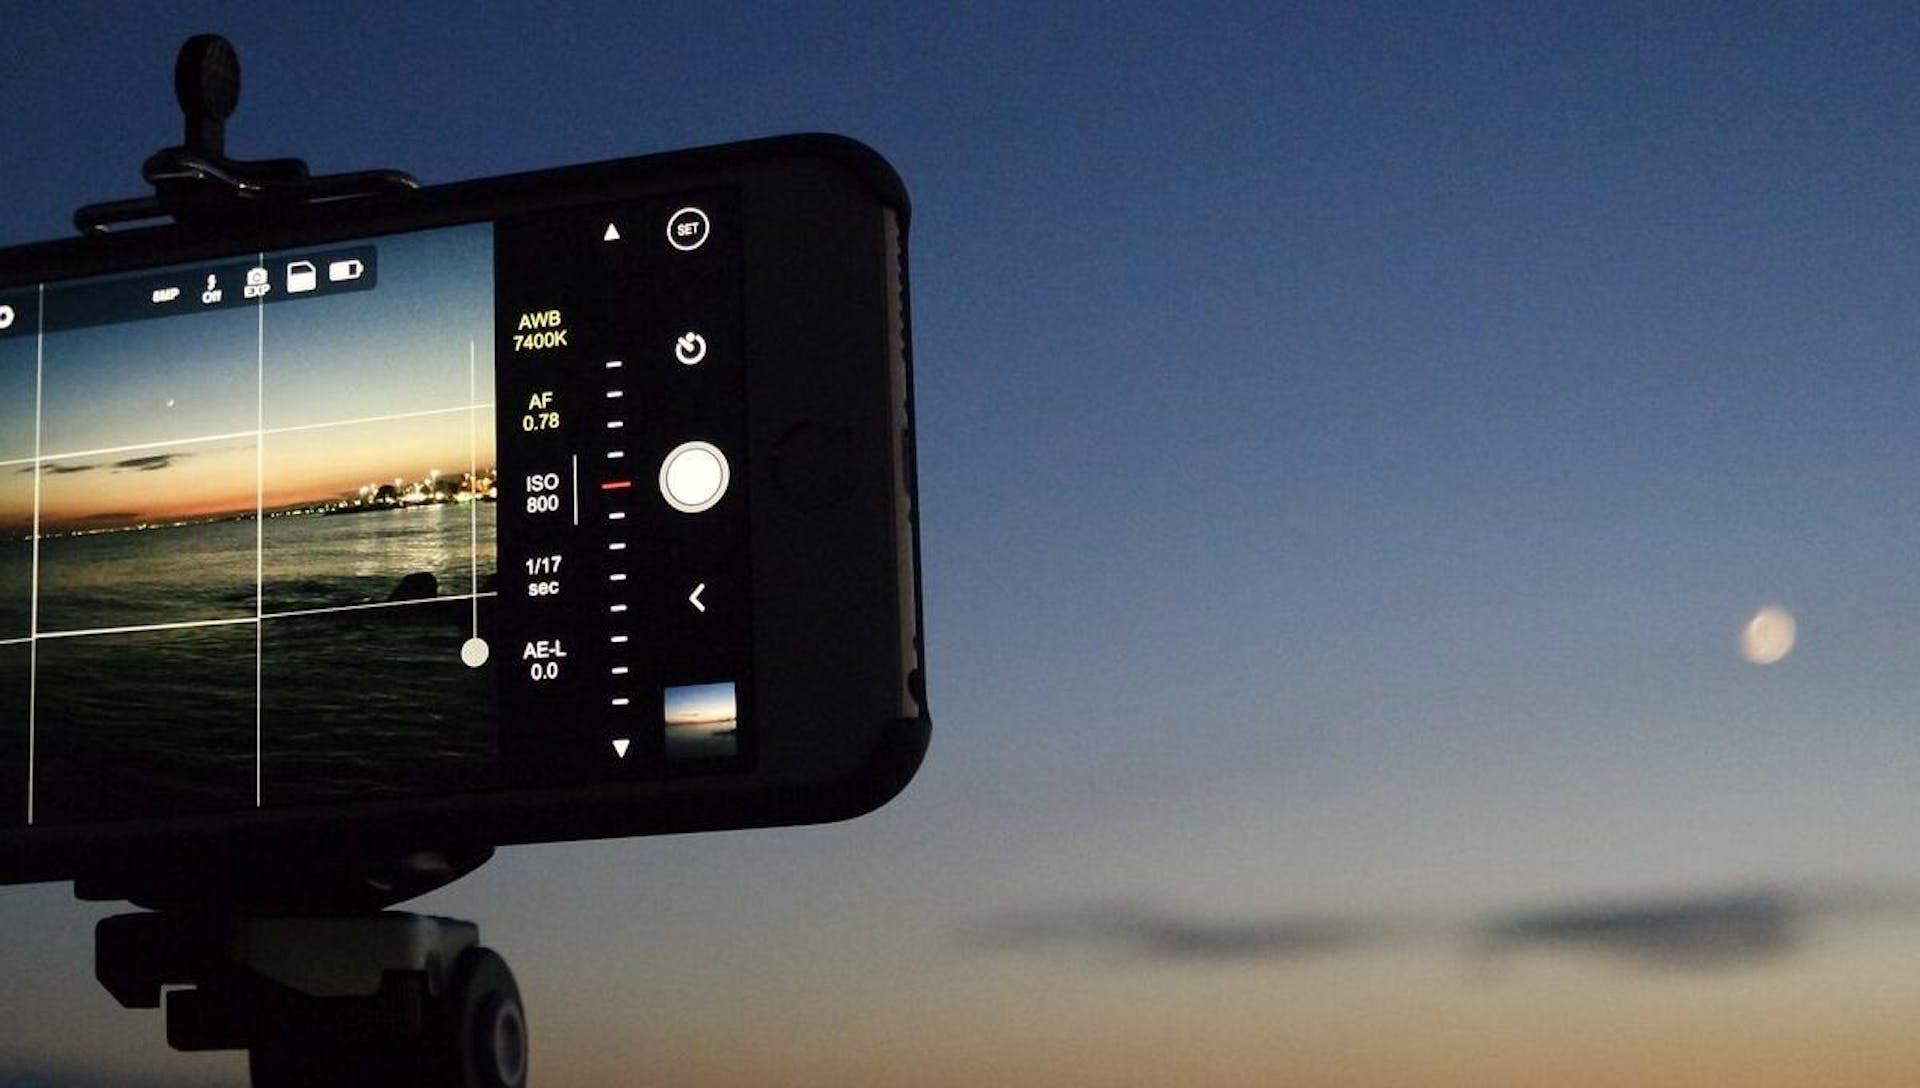 ¿Cómo tomar fotos de la luna con el celular? ¡Captura momentos increíbles!